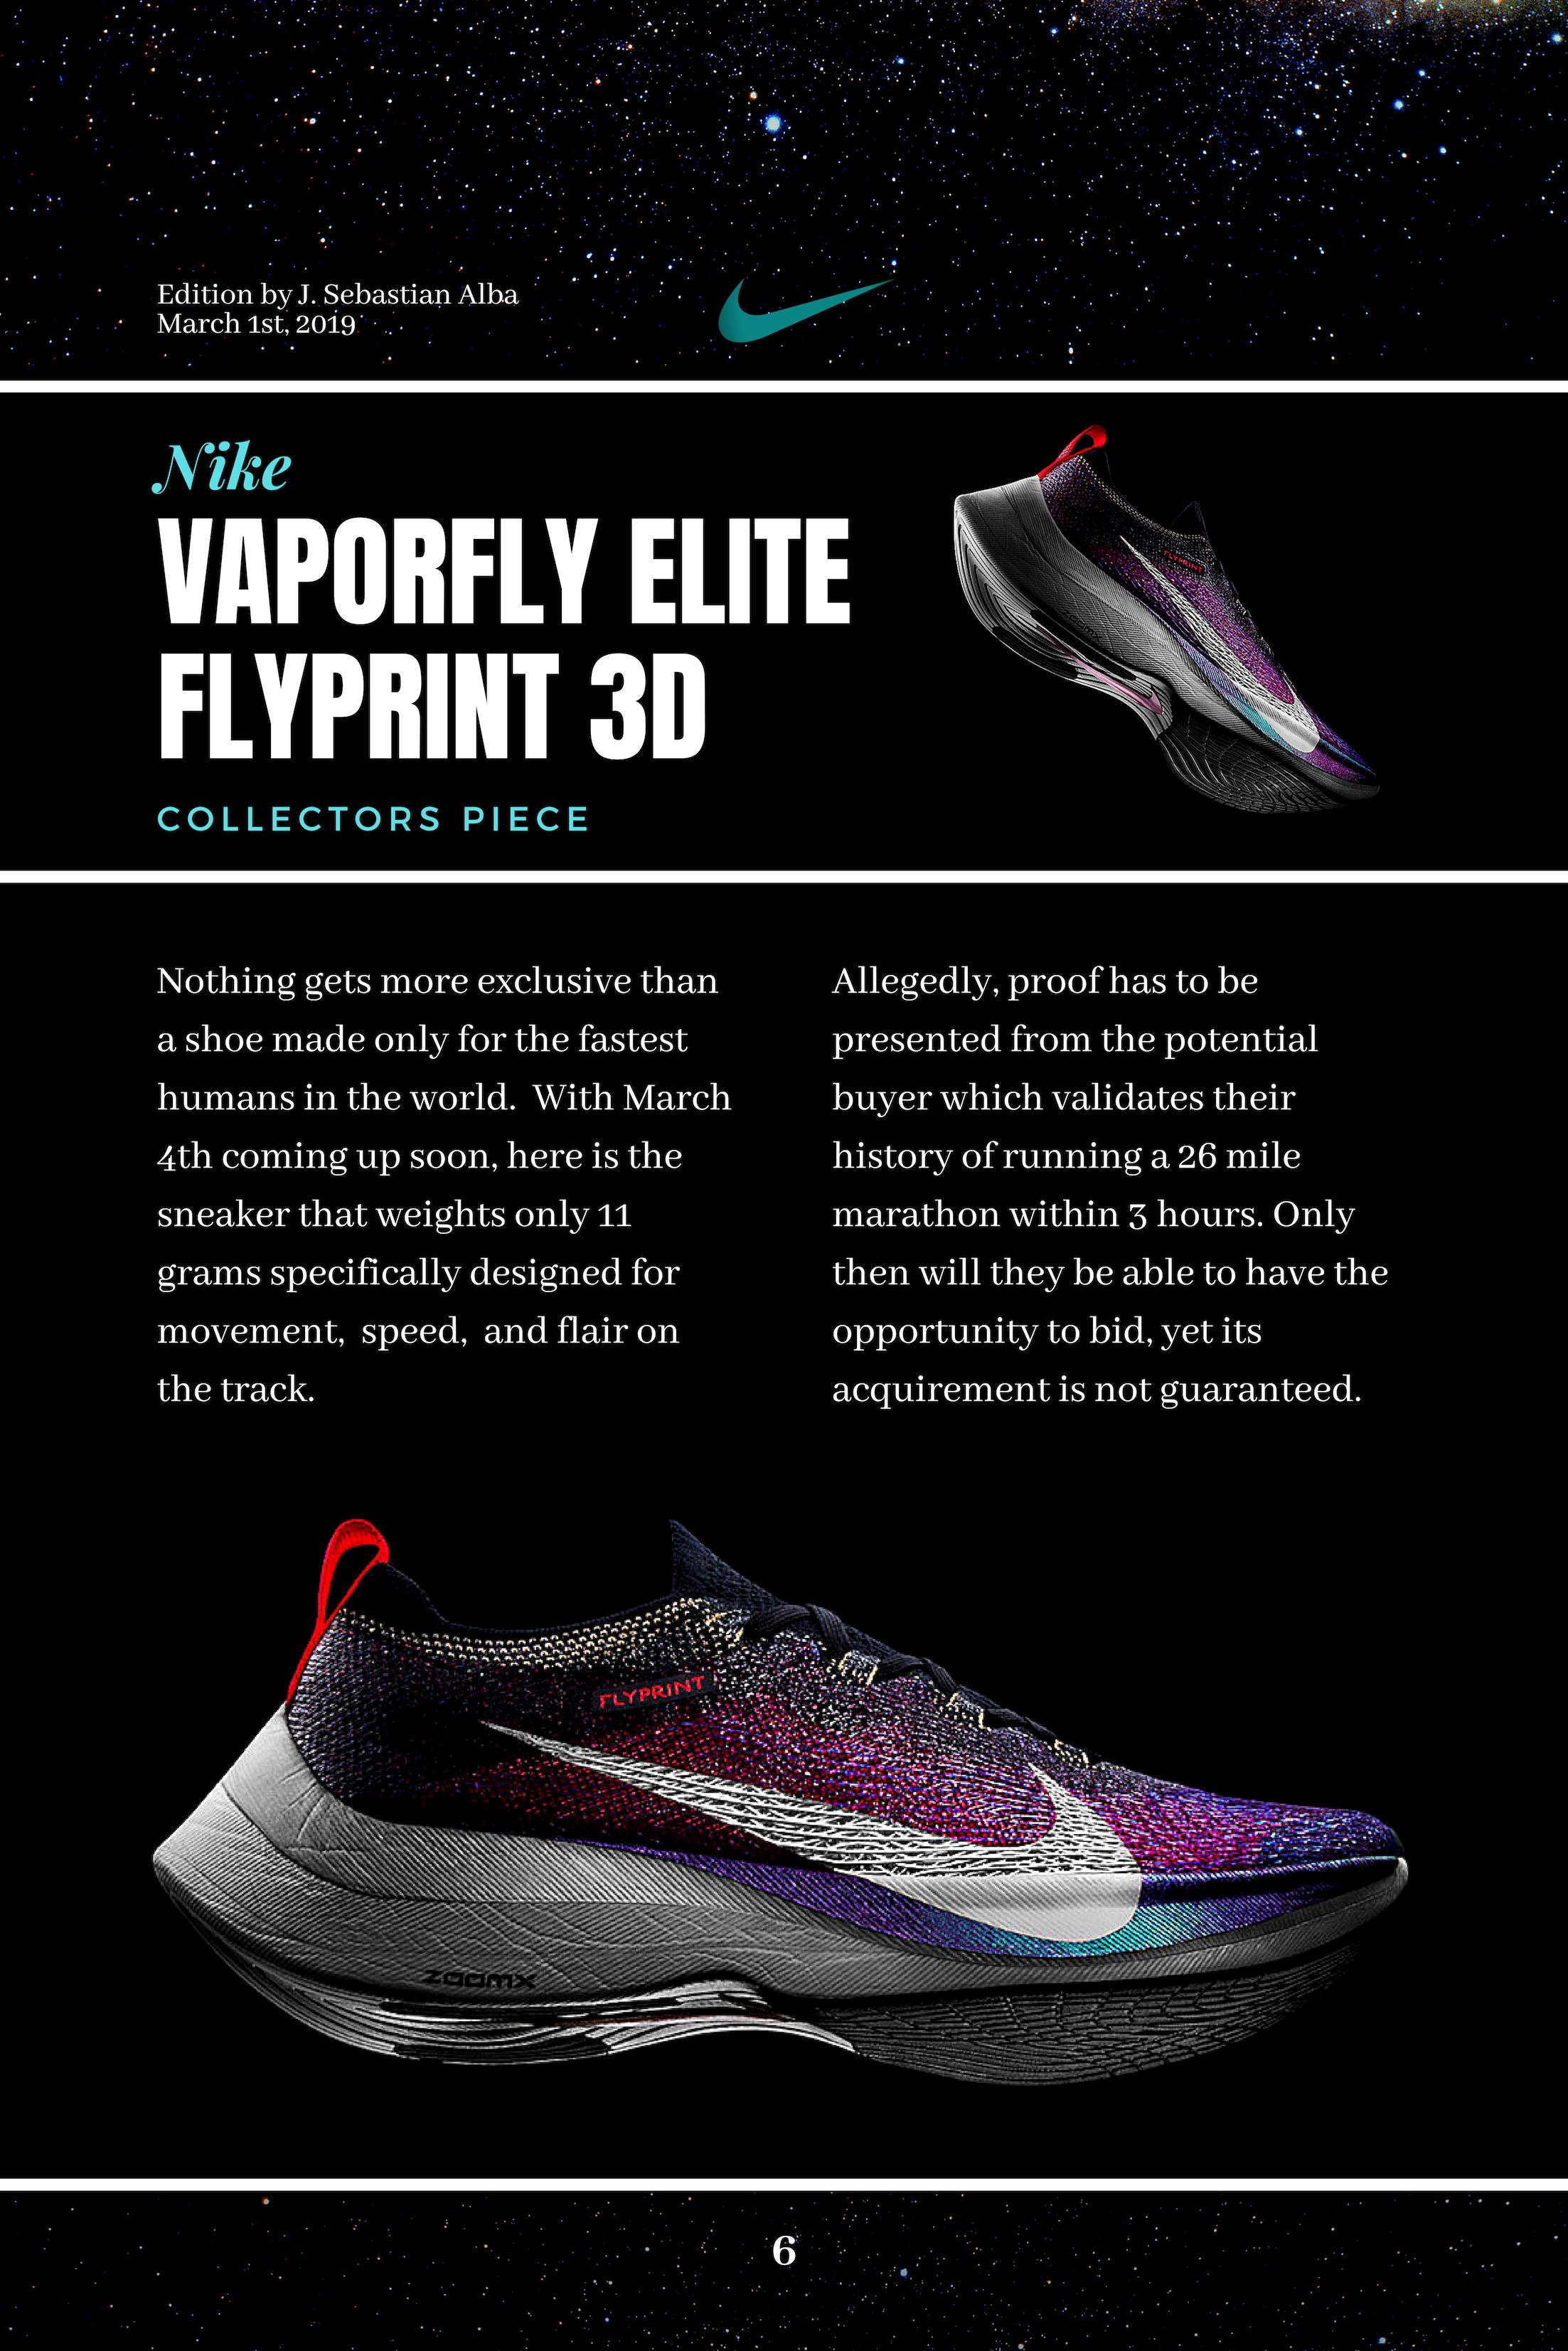 Nike VaporFly Elite Flyprint 3D | Sport